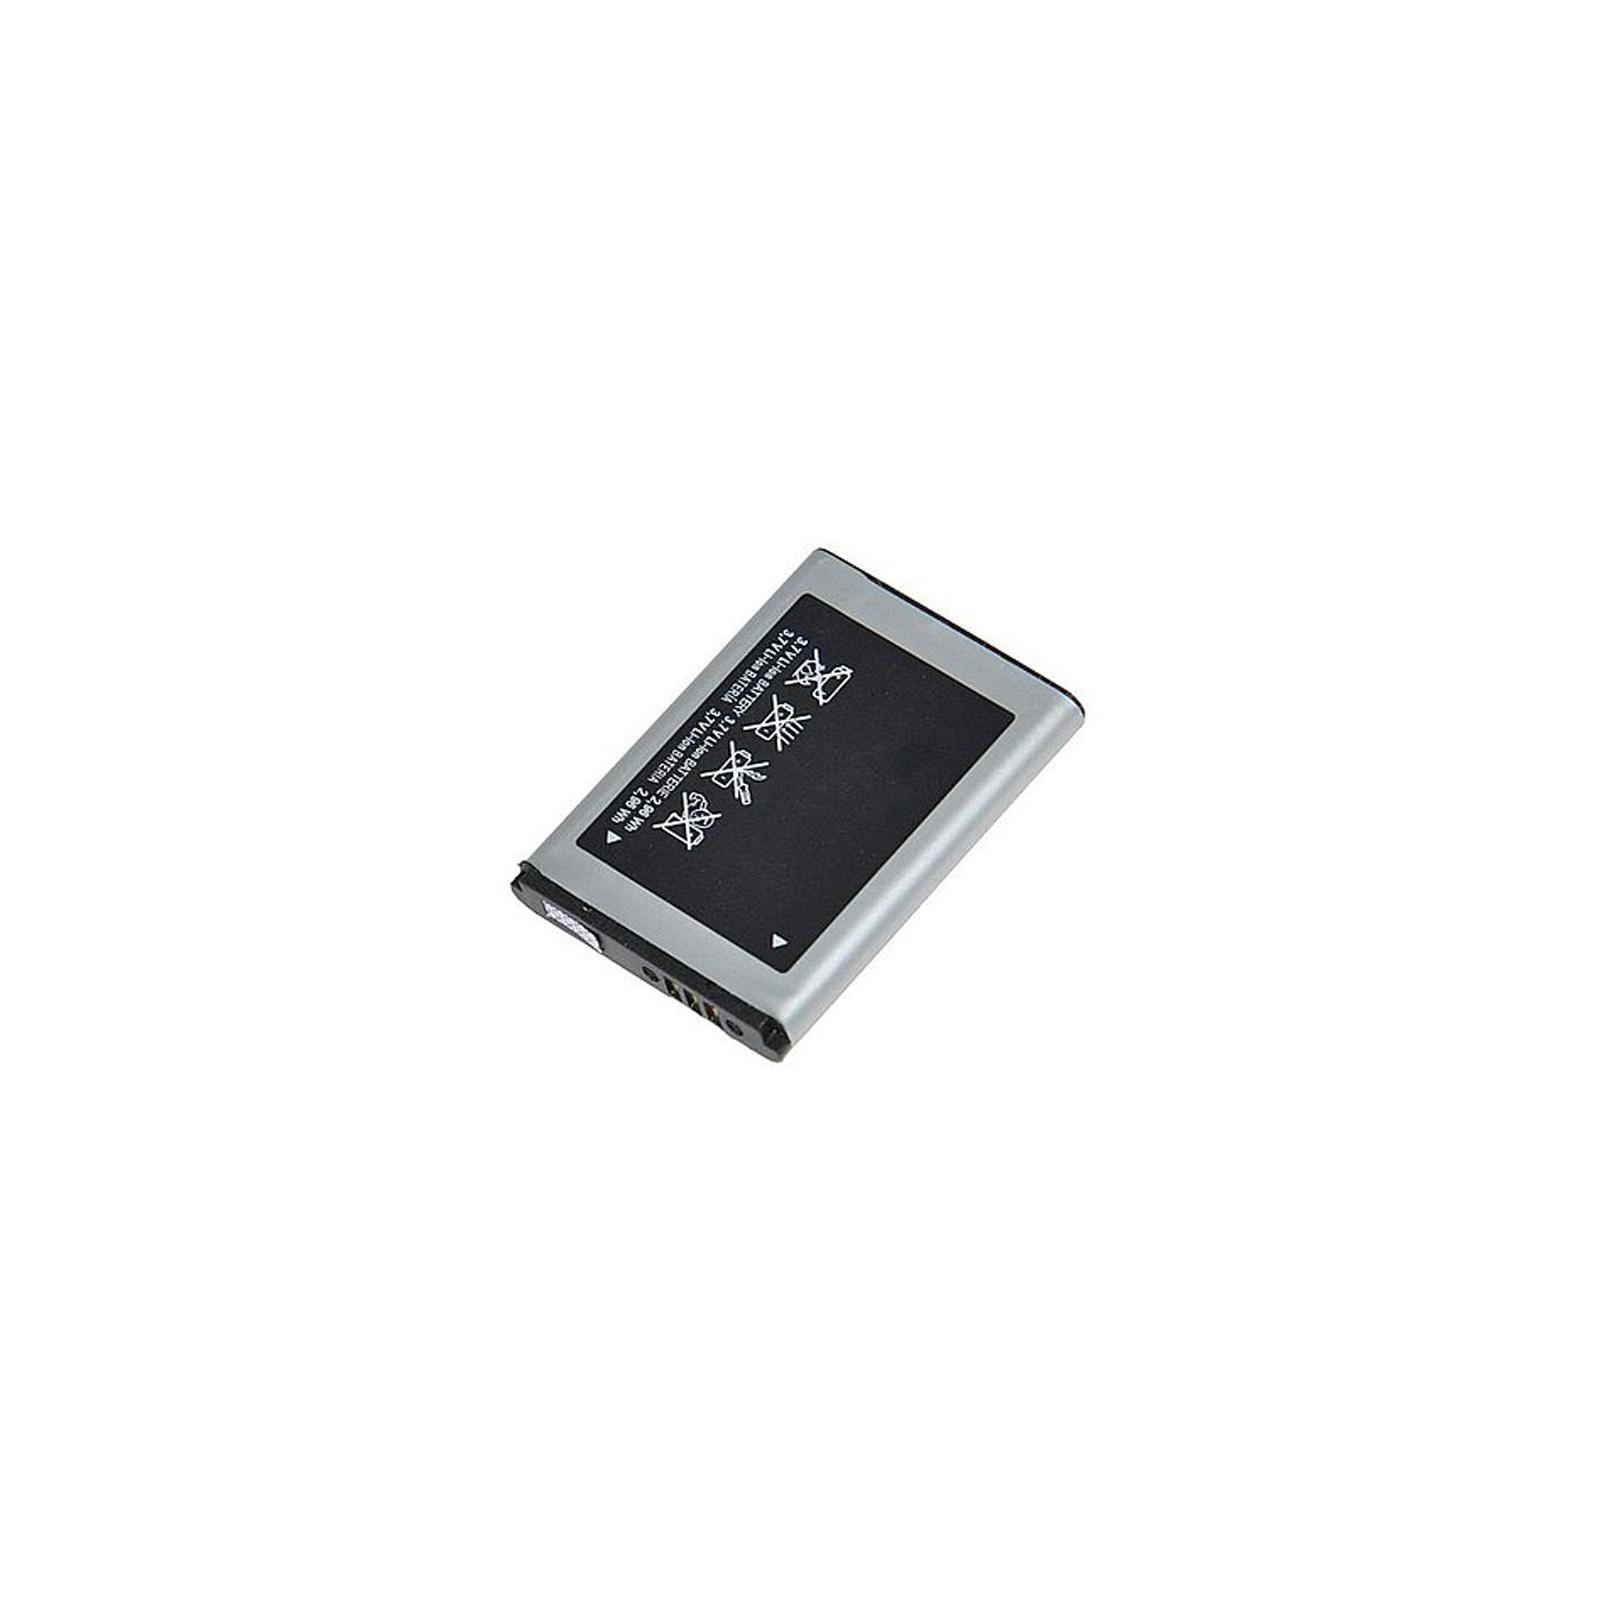 Аккумуляторная батарея Samsung for J700 (J7) (BE-BJ700BBC / 40990)